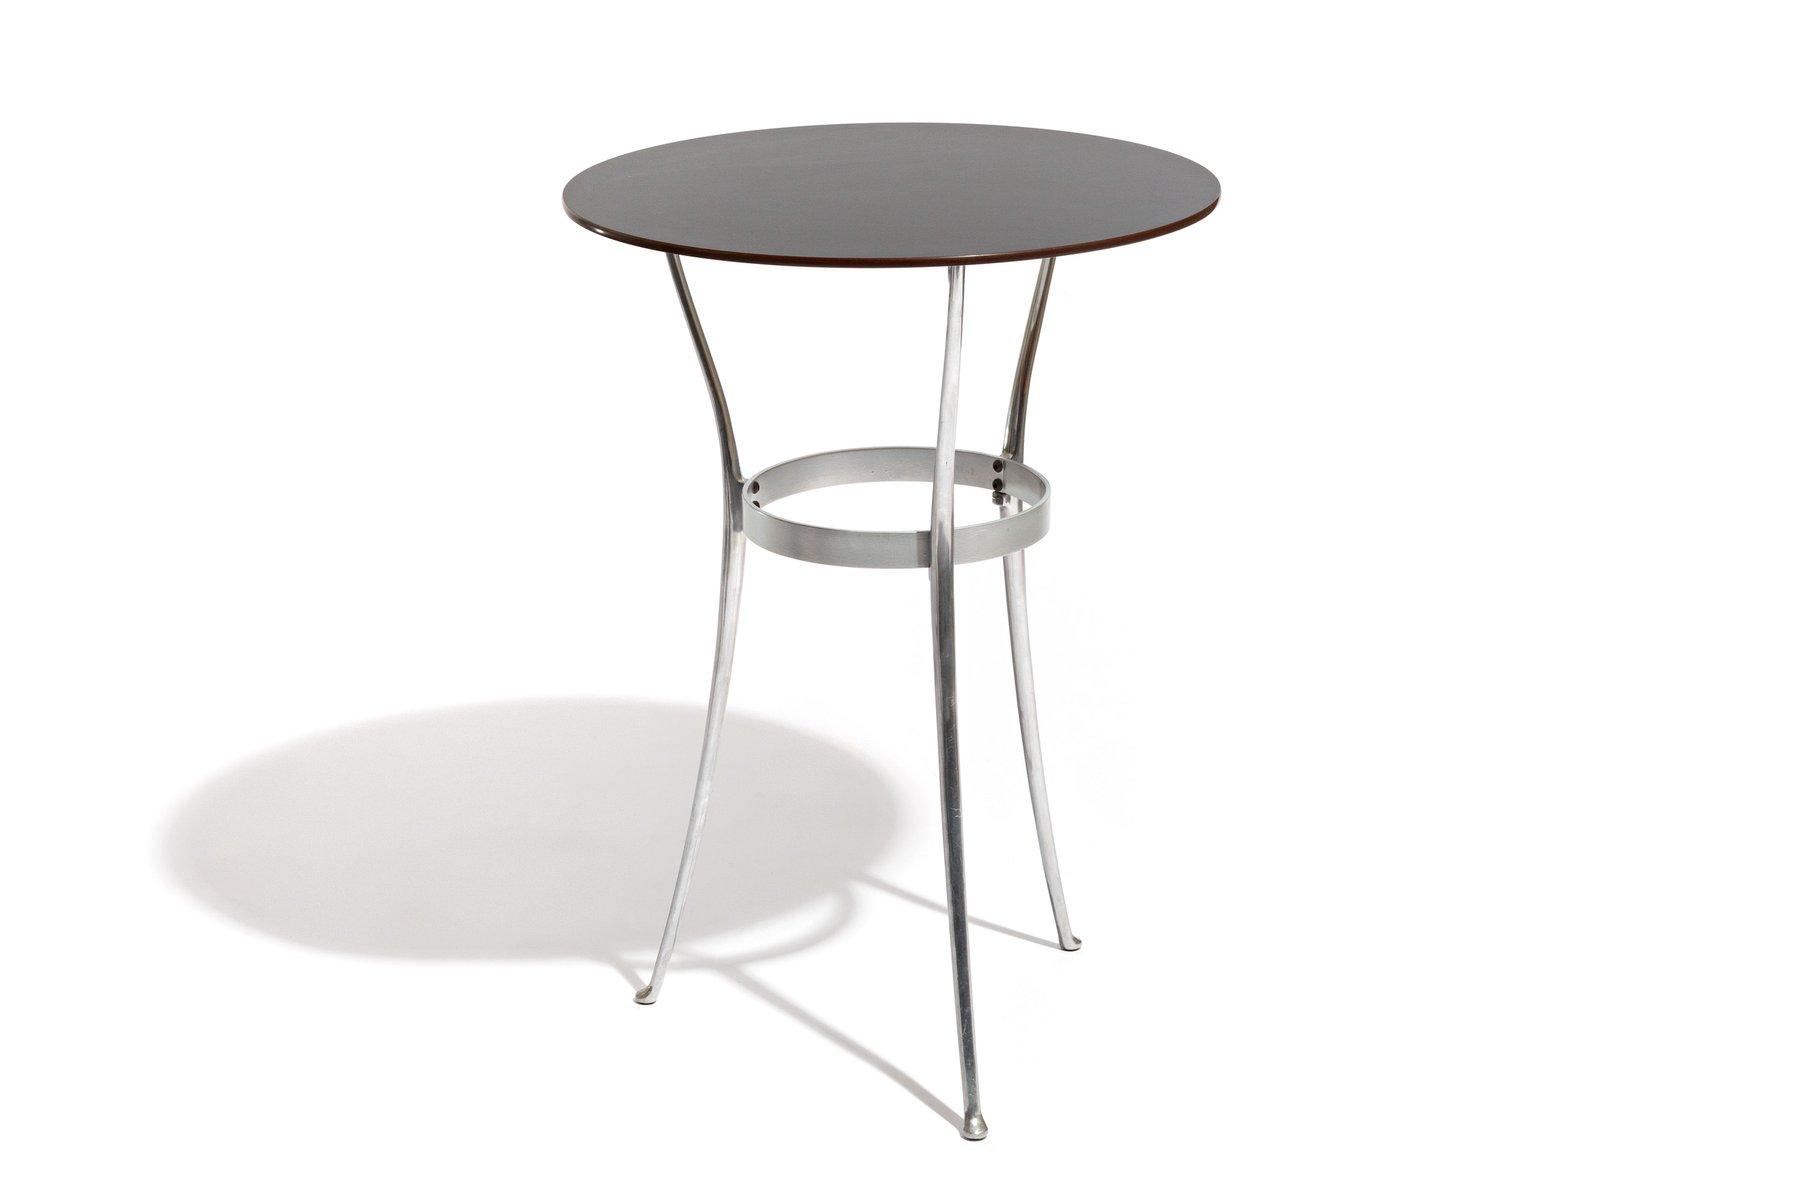 tonietta tisch stuhl set von enzo mari f r zanotta 1980er bei pamono kaufen. Black Bedroom Furniture Sets. Home Design Ideas